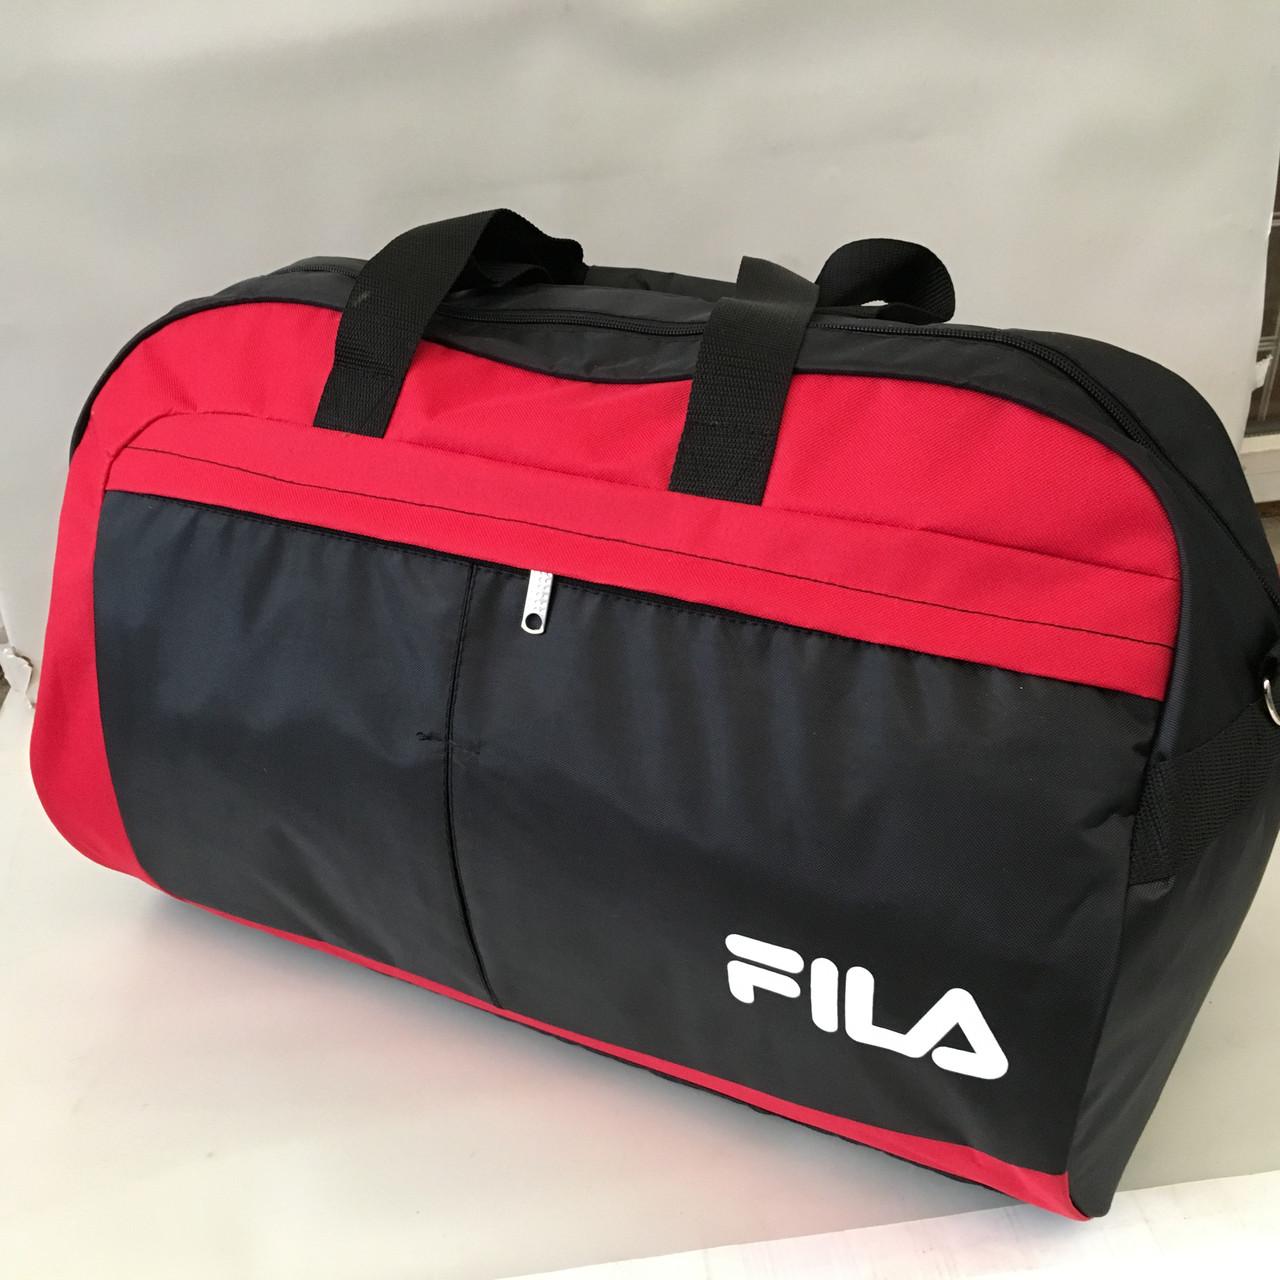 6456c52f75d7 Спортивная, дорожная качественная сумка FILA. Сумка в дорогу оптом ...